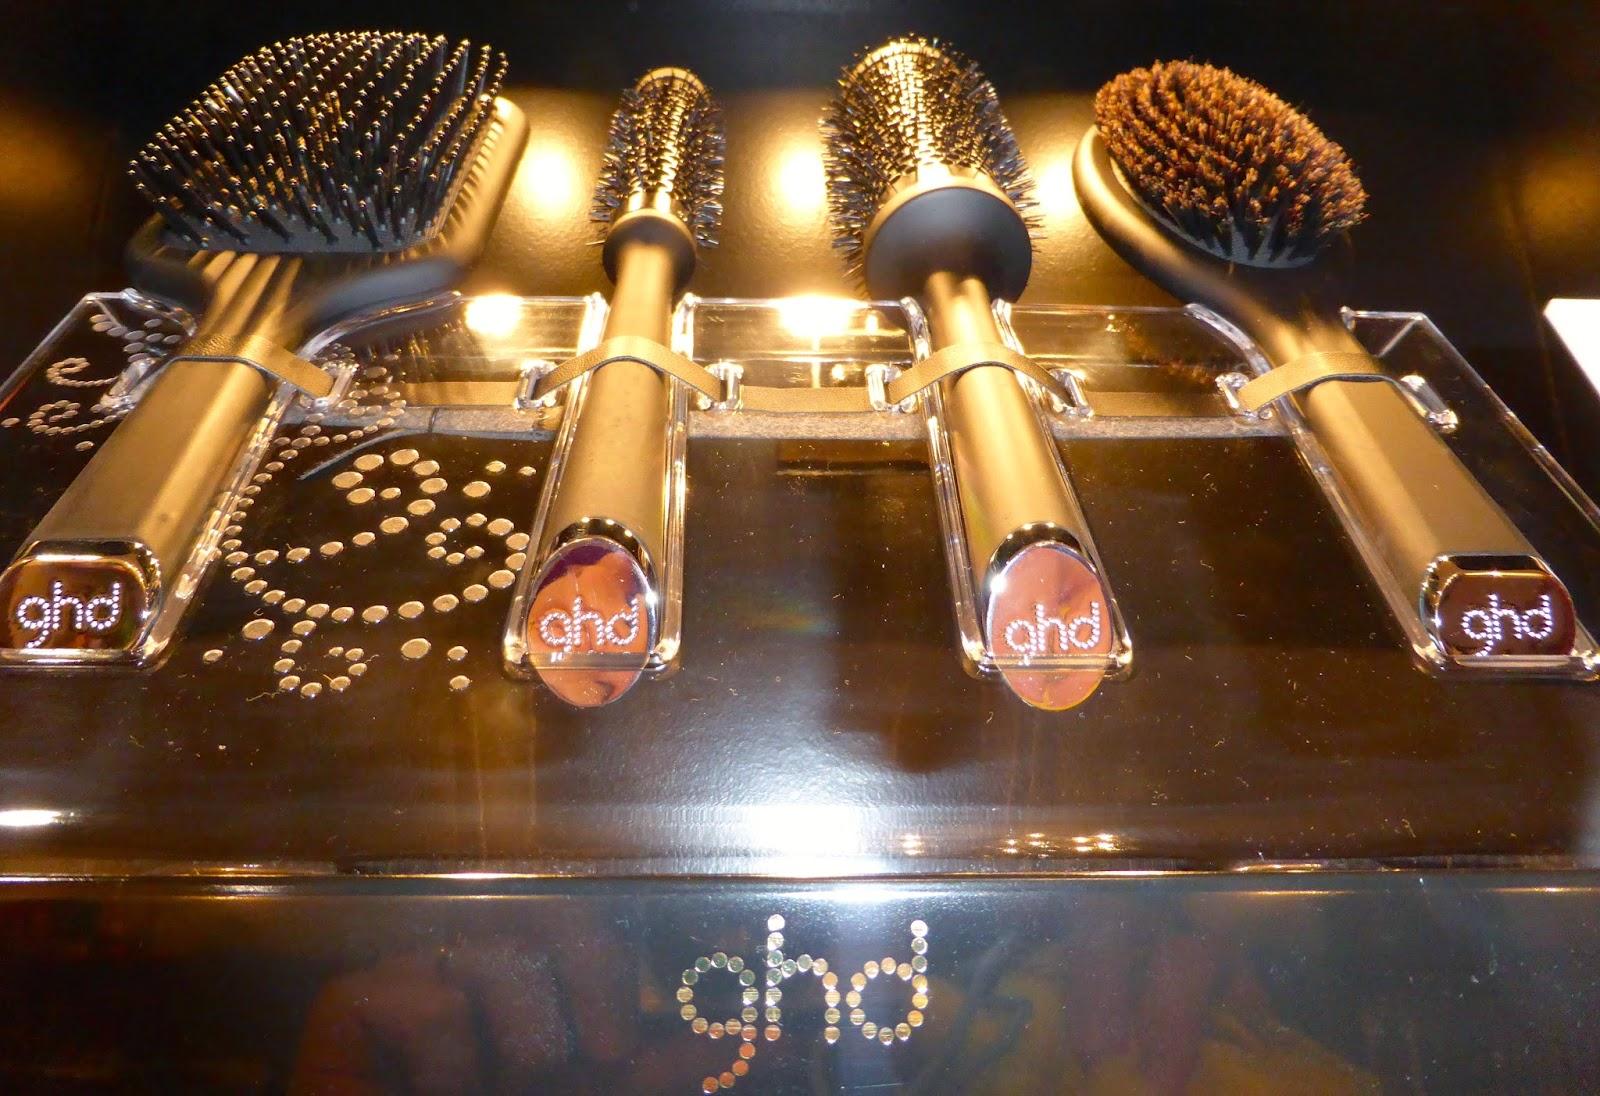 La marque GHD, vous propose une gamme de brosses d'excellence à Montpellier, au Studio 54.